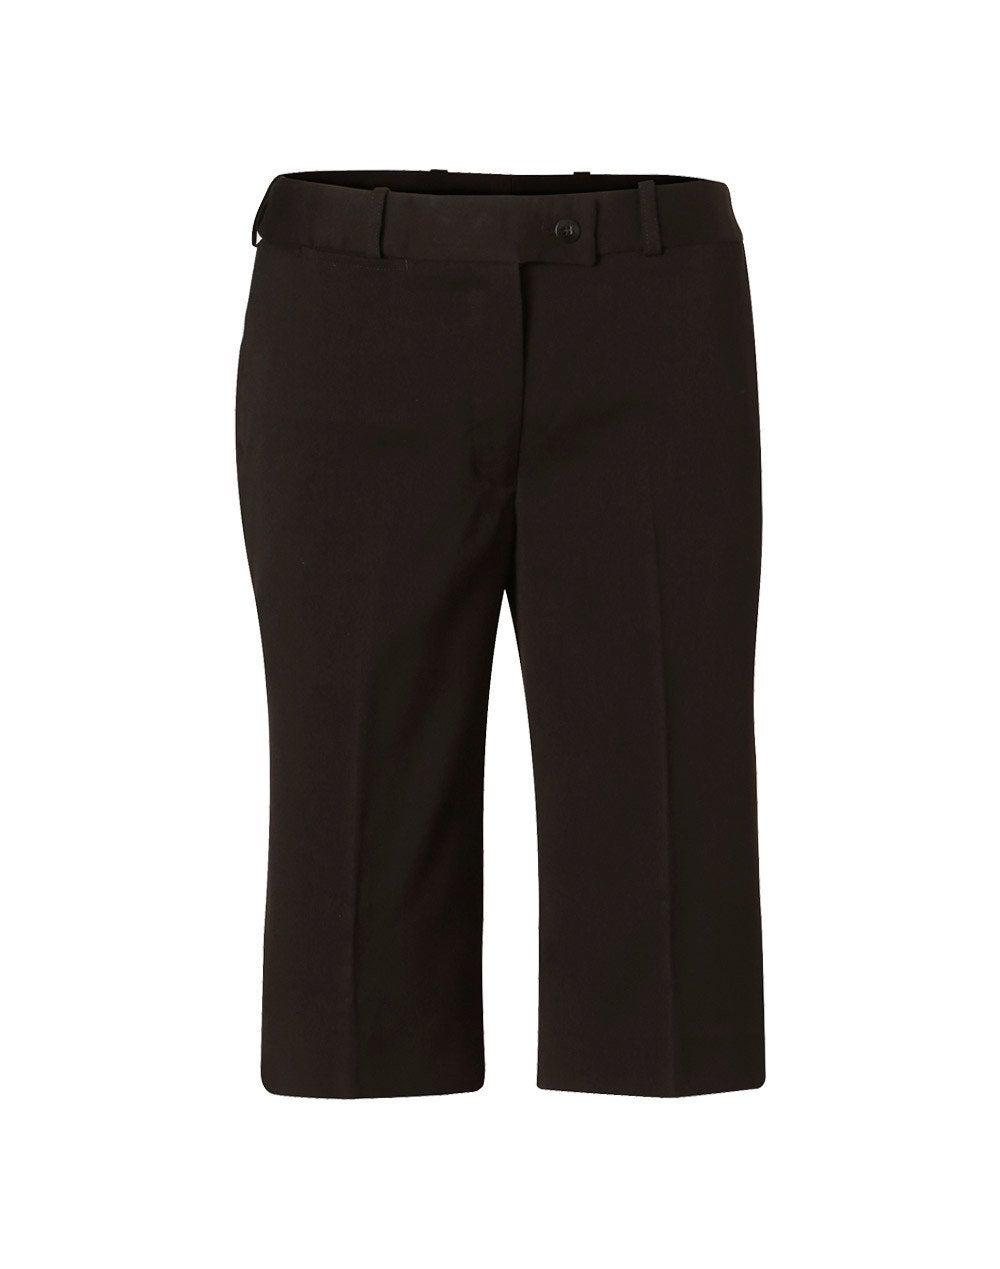 Stretch Knee Length Flexi Waist Shorts